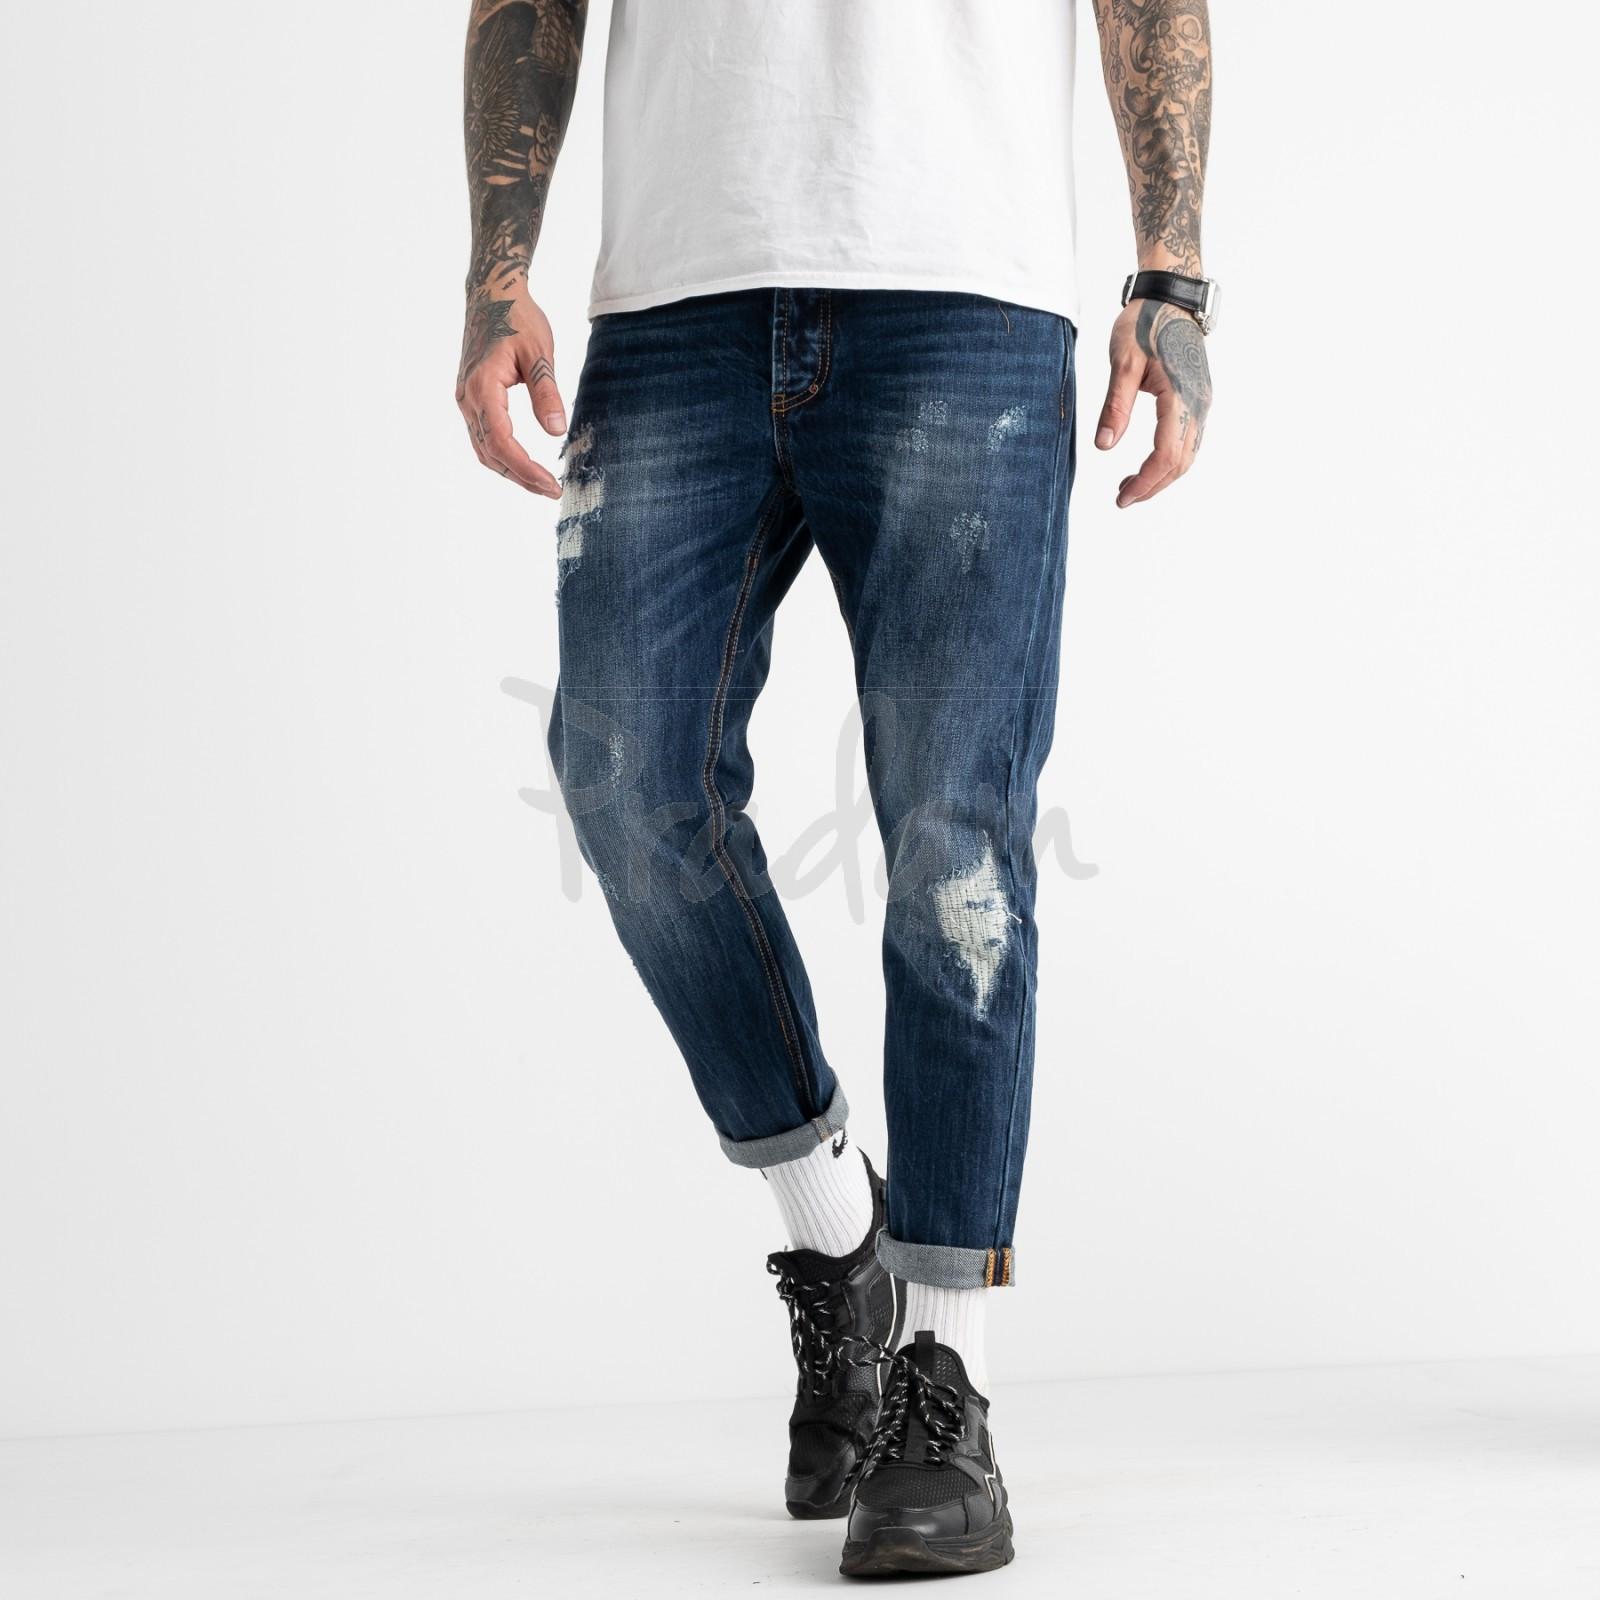 0181-03 мужские джинсы синие котоновые (6 ед. размеры: 30.34.34.34.36.38)